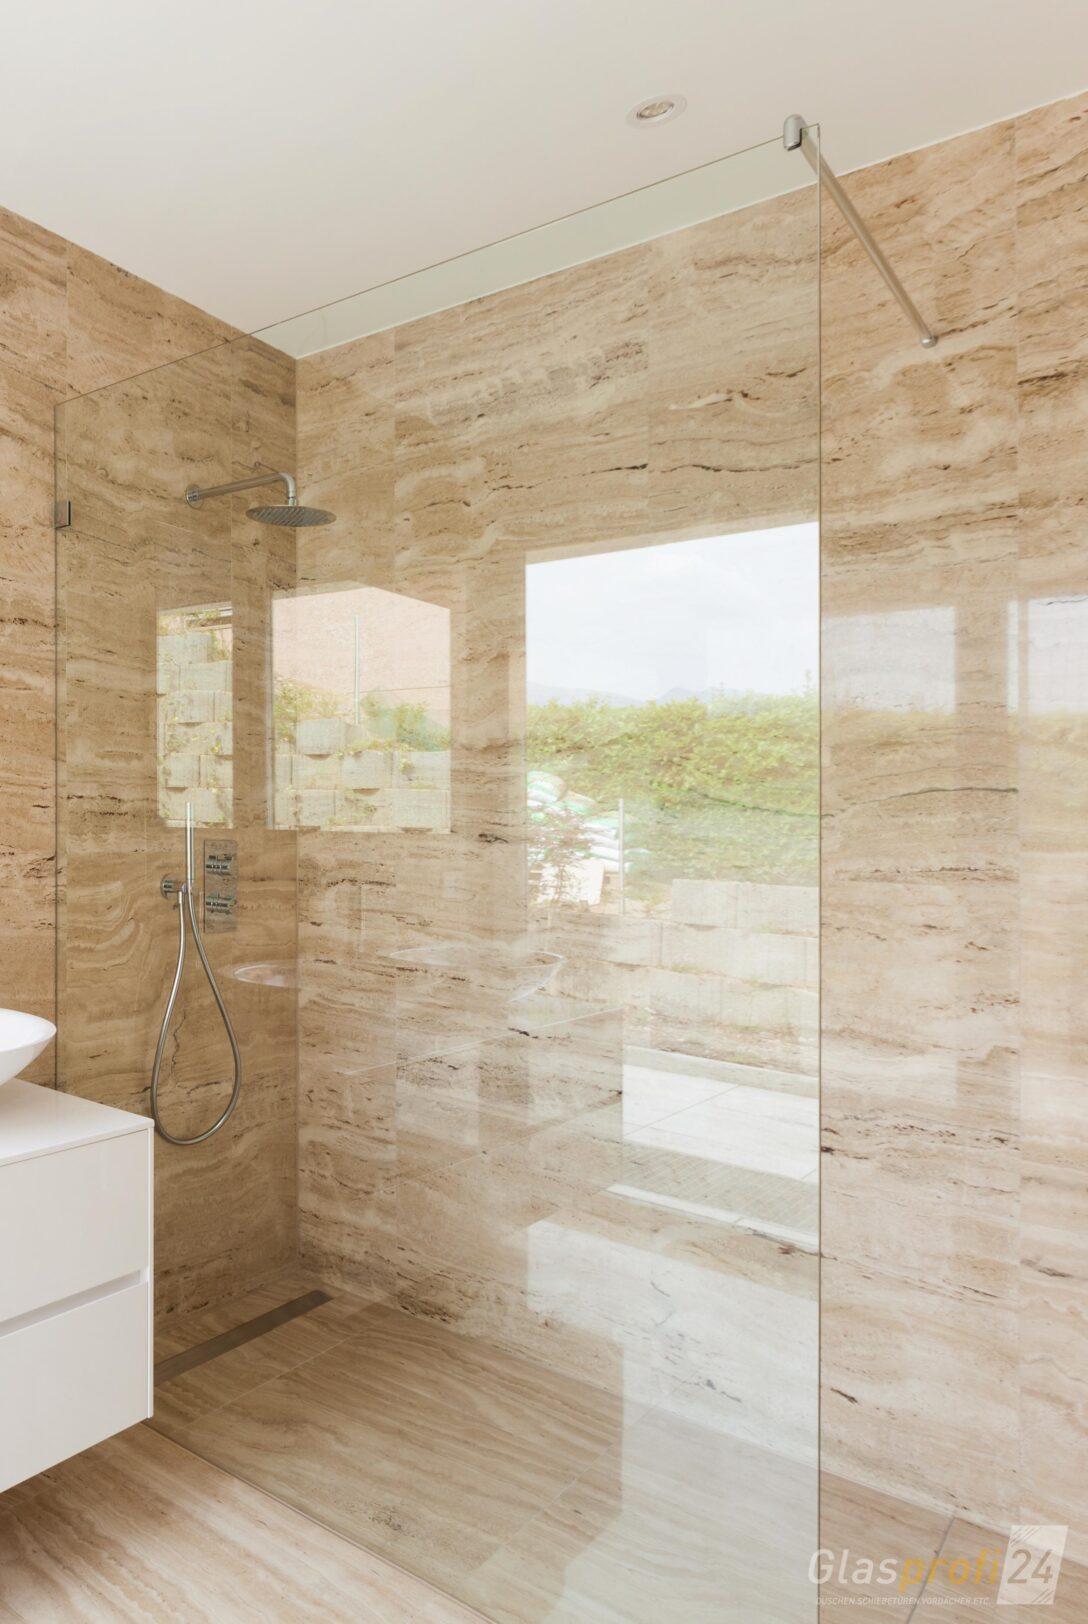 Large Size of Glaswand Dusche Walk In Duschwand Glasprofi24 Barrierefreie Begehbare Ohne Tür Schiebetür Walkin Badewanne Mit Und Bodengleiche Duschen Moderne Mischbatterie Dusche Glaswand Dusche